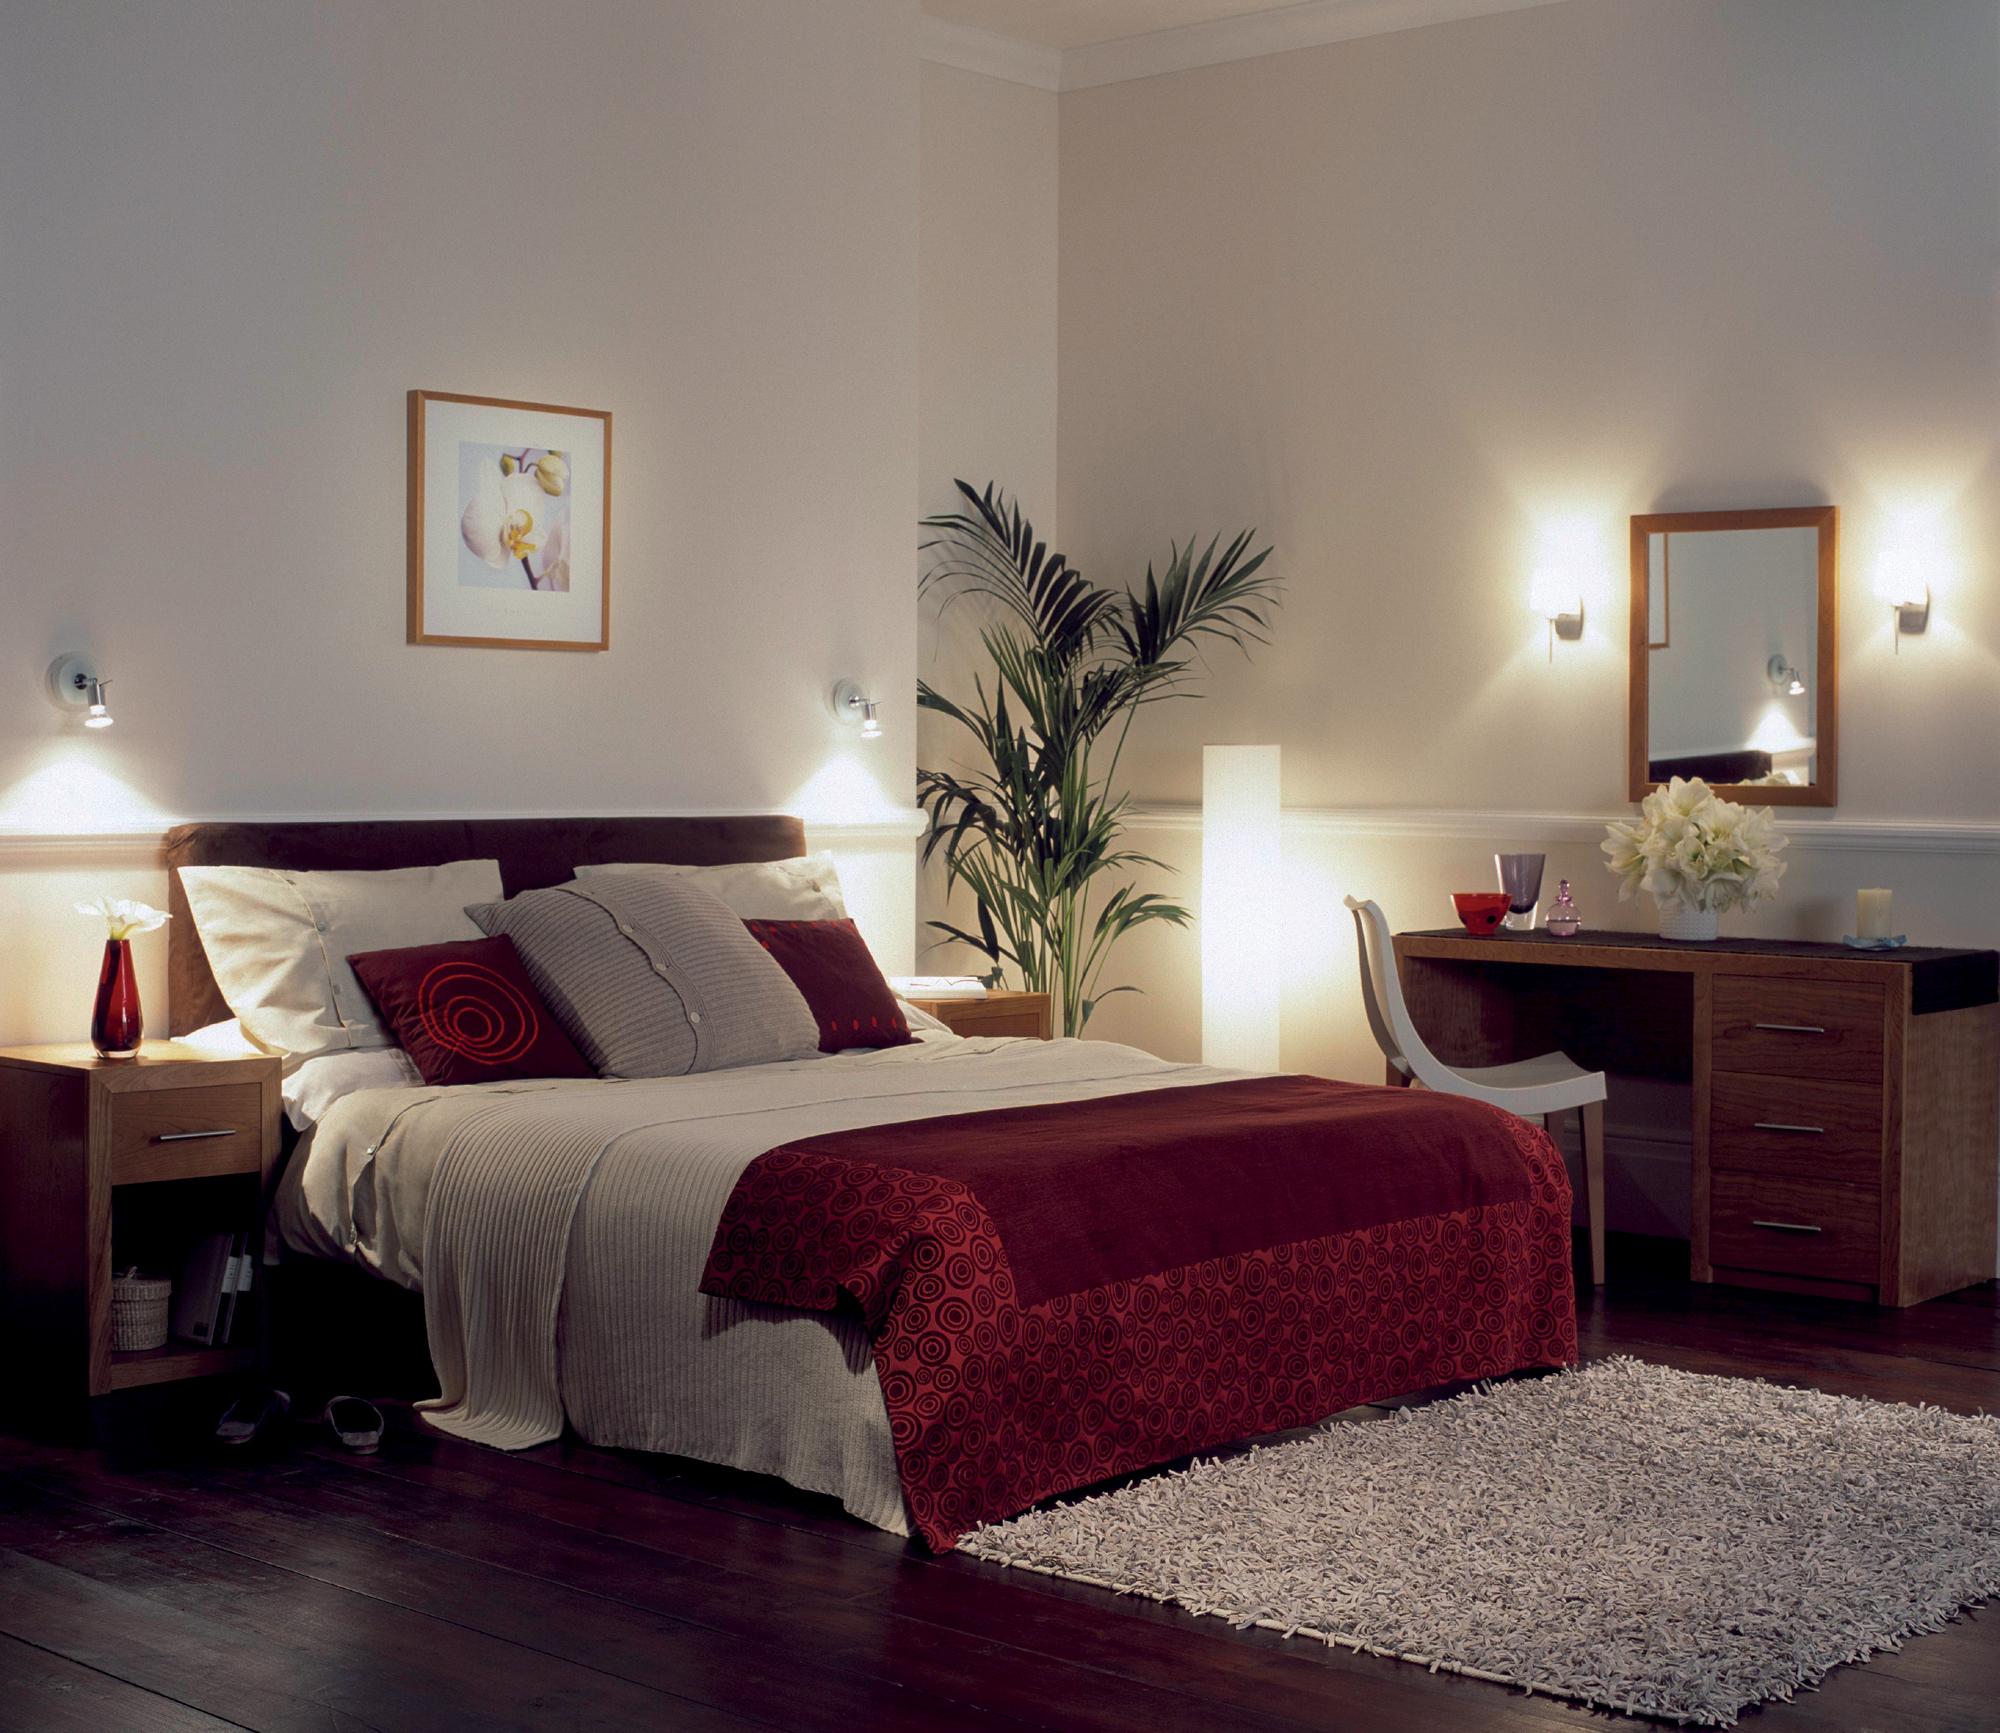 Full Size of Schlafzimmer Lampen Mit Der Richtigen Lichtplanung Das Zum Leuchten Komplett Günstig Gardinen Für Klimagerät Landhausstil Wandleuchte Günstige Kommode Wohnzimmer Schlafzimmer Lampen